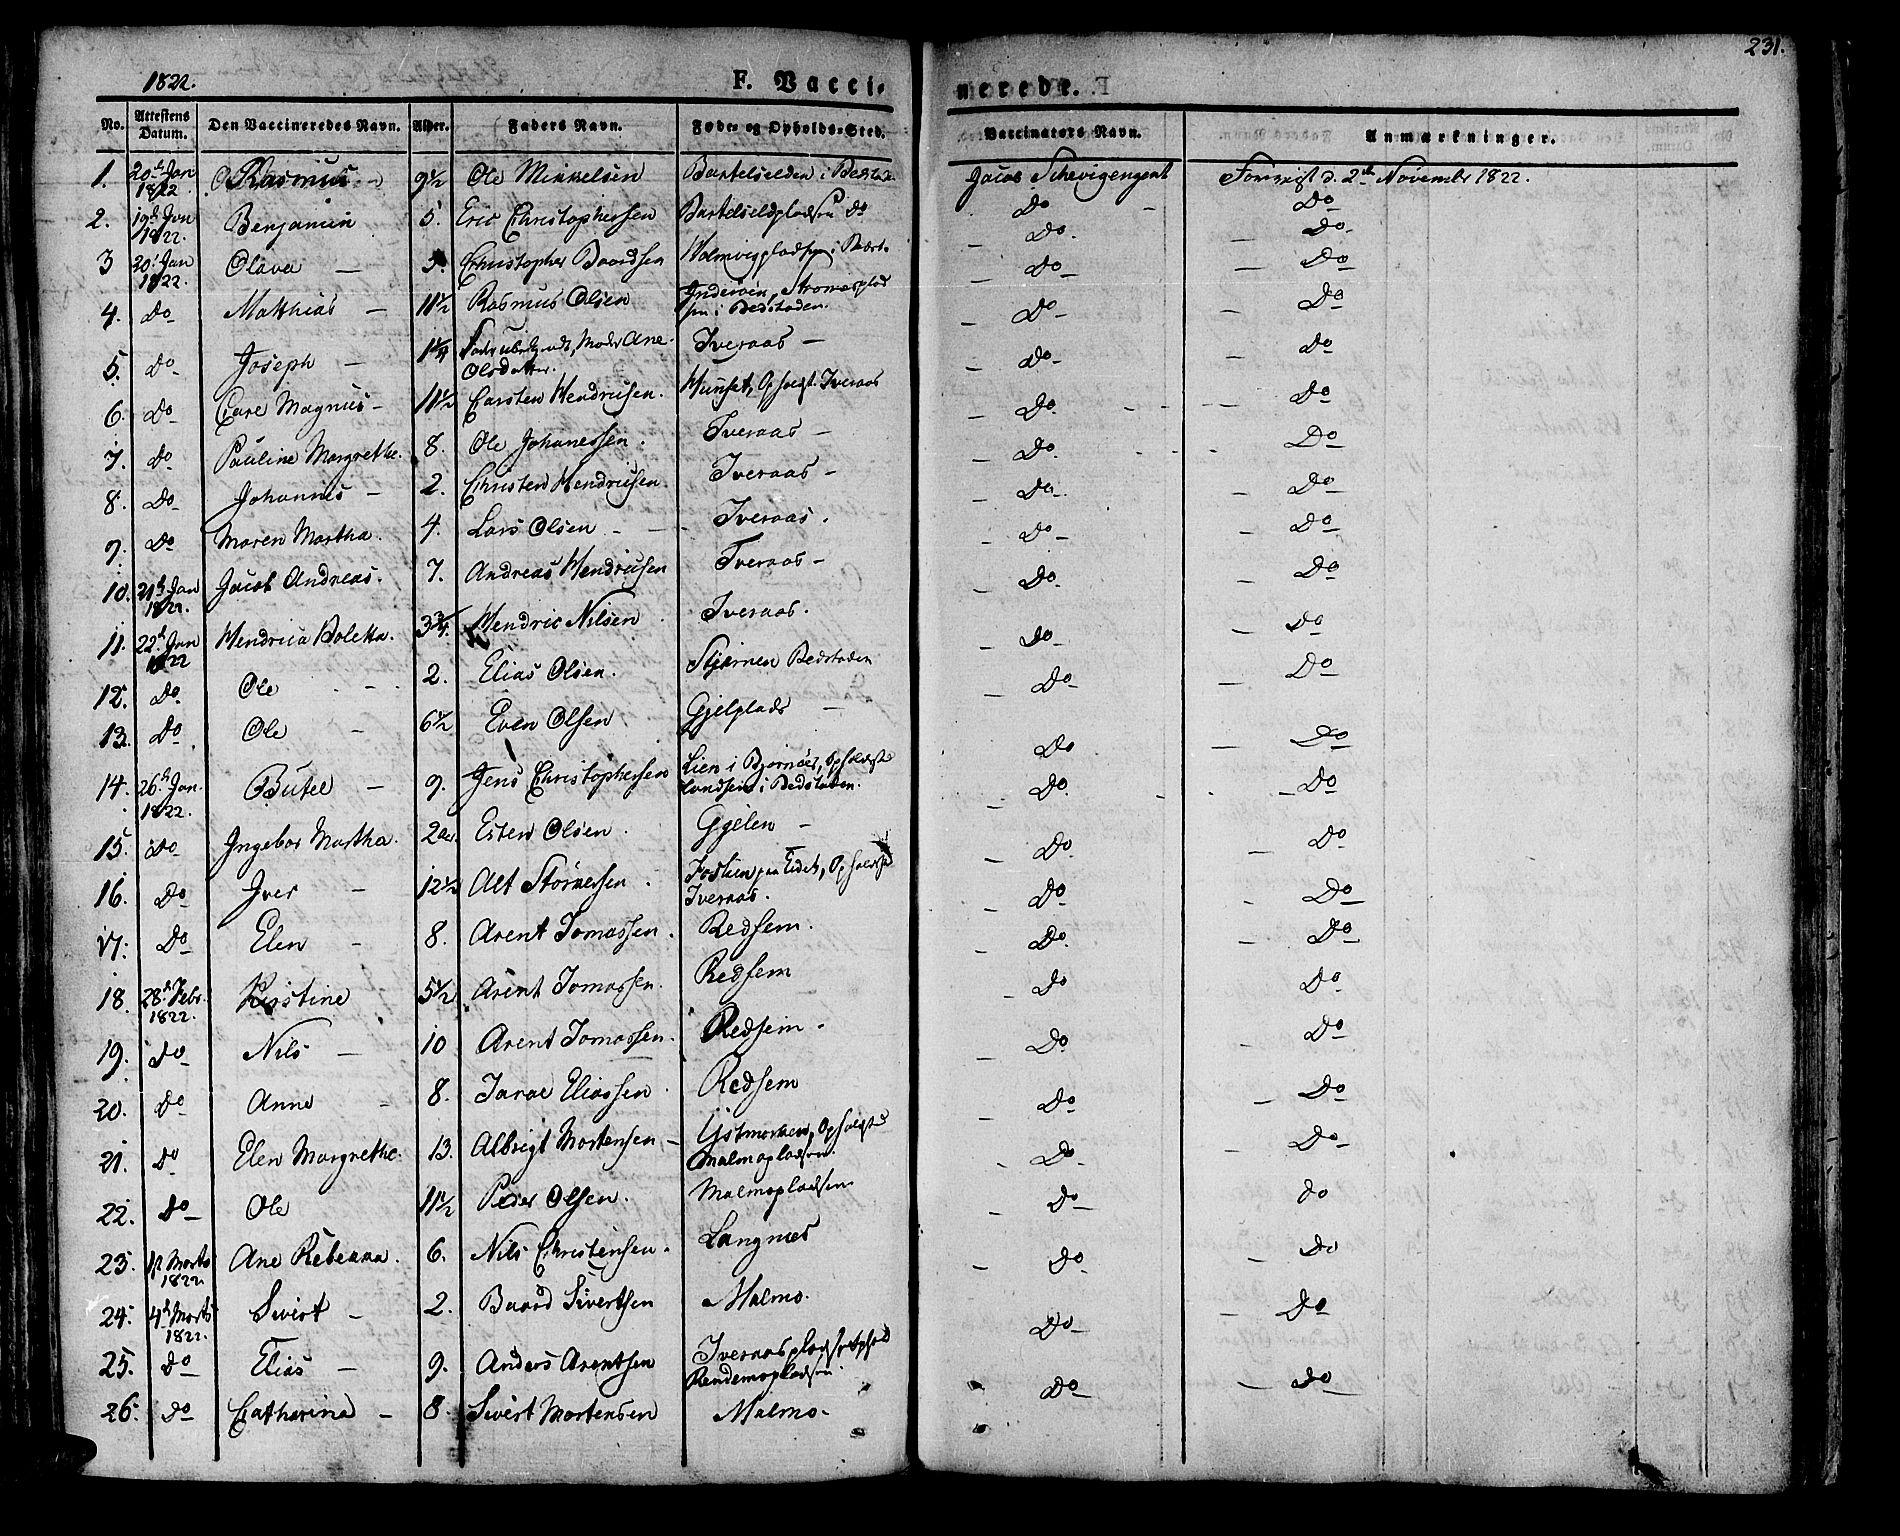 SAT, Ministerialprotokoller, klokkerbøker og fødselsregistre - Nord-Trøndelag, 741/L0390: Ministerialbok nr. 741A04, 1822-1836, s. 231